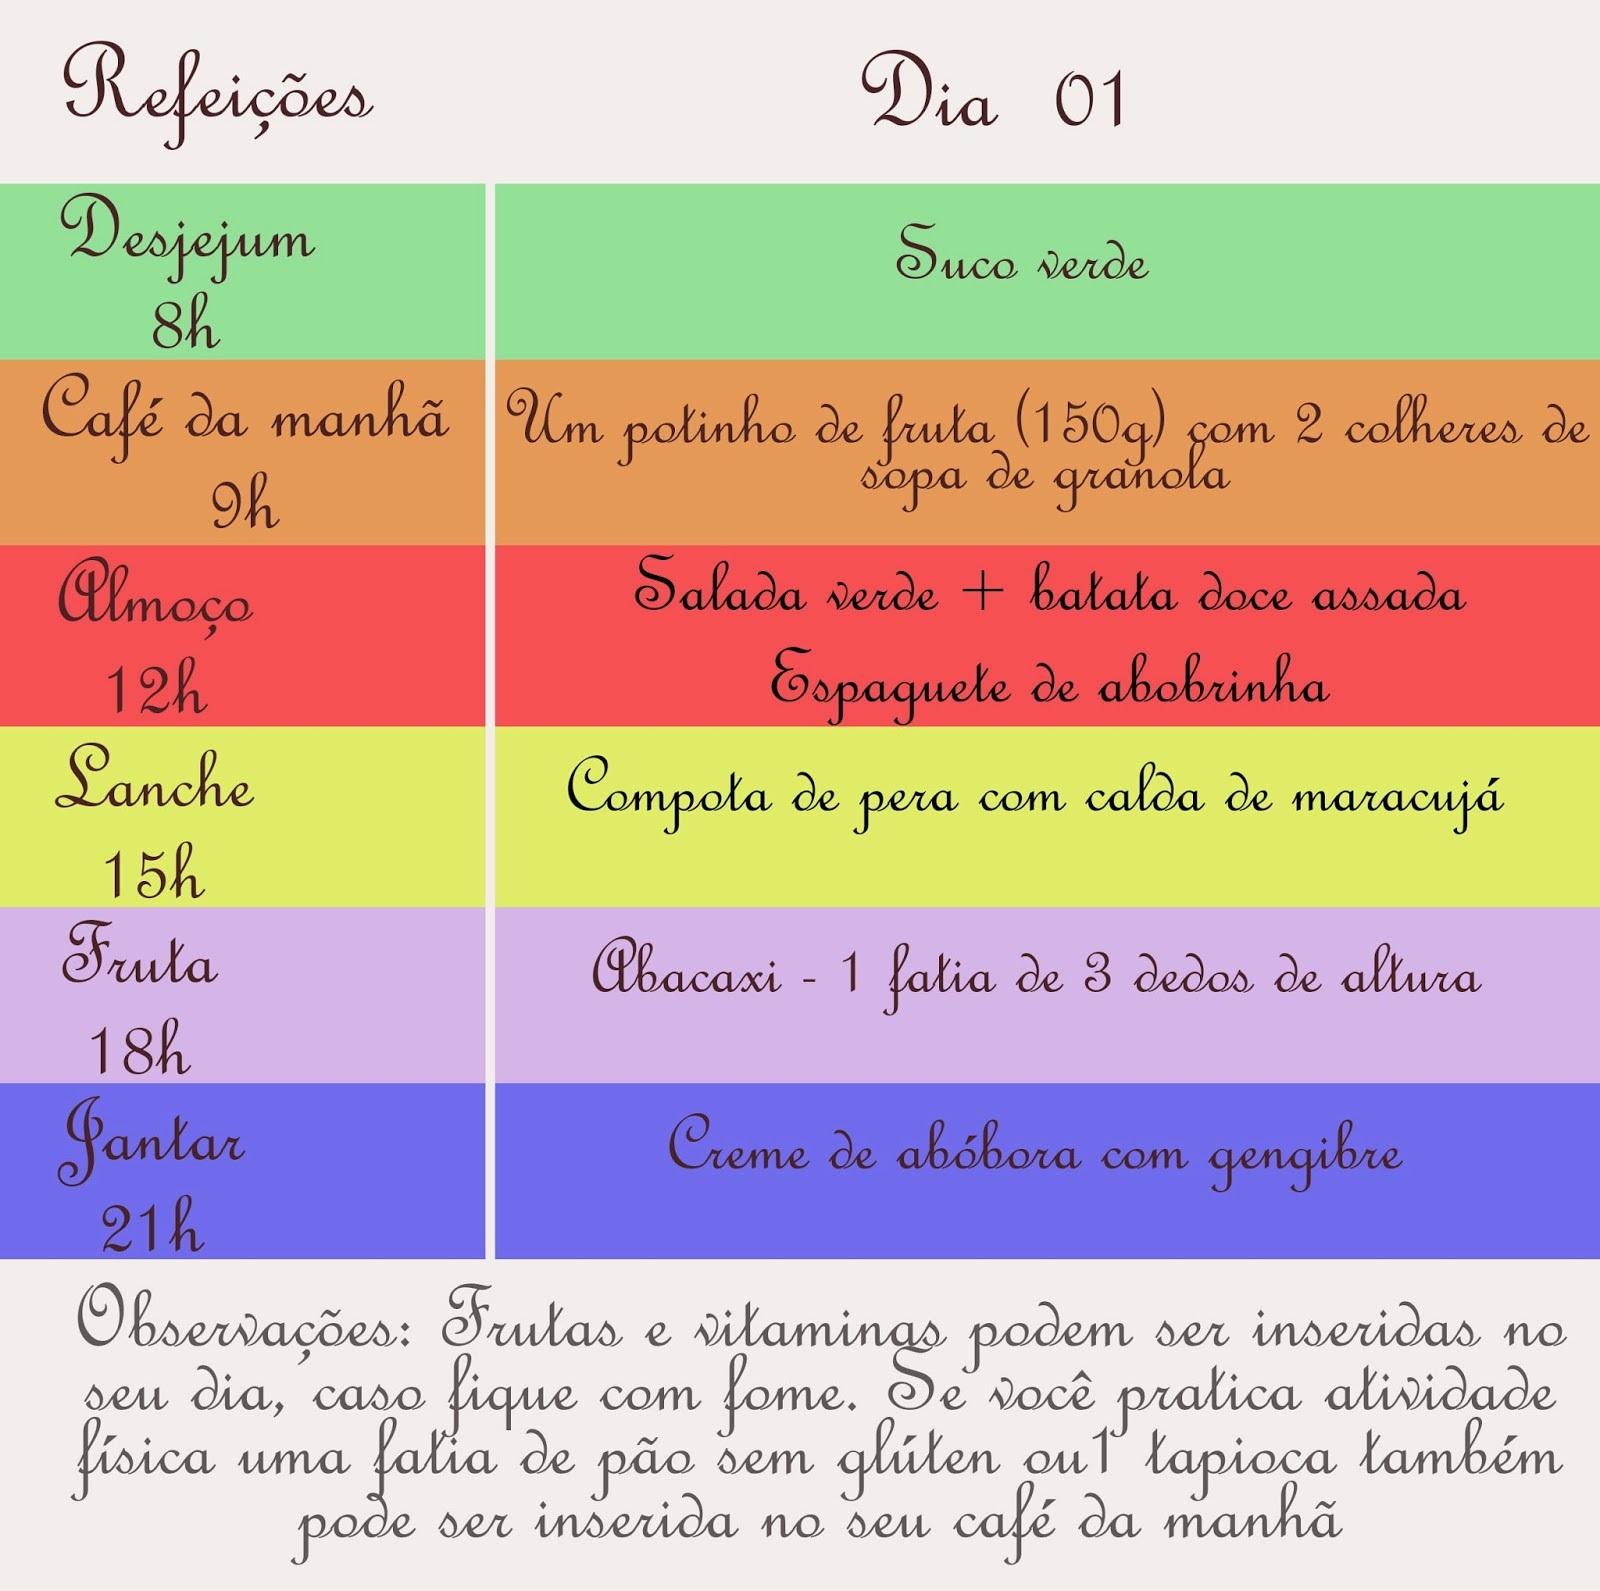 #DiárioDetoxSCP : Cardápio